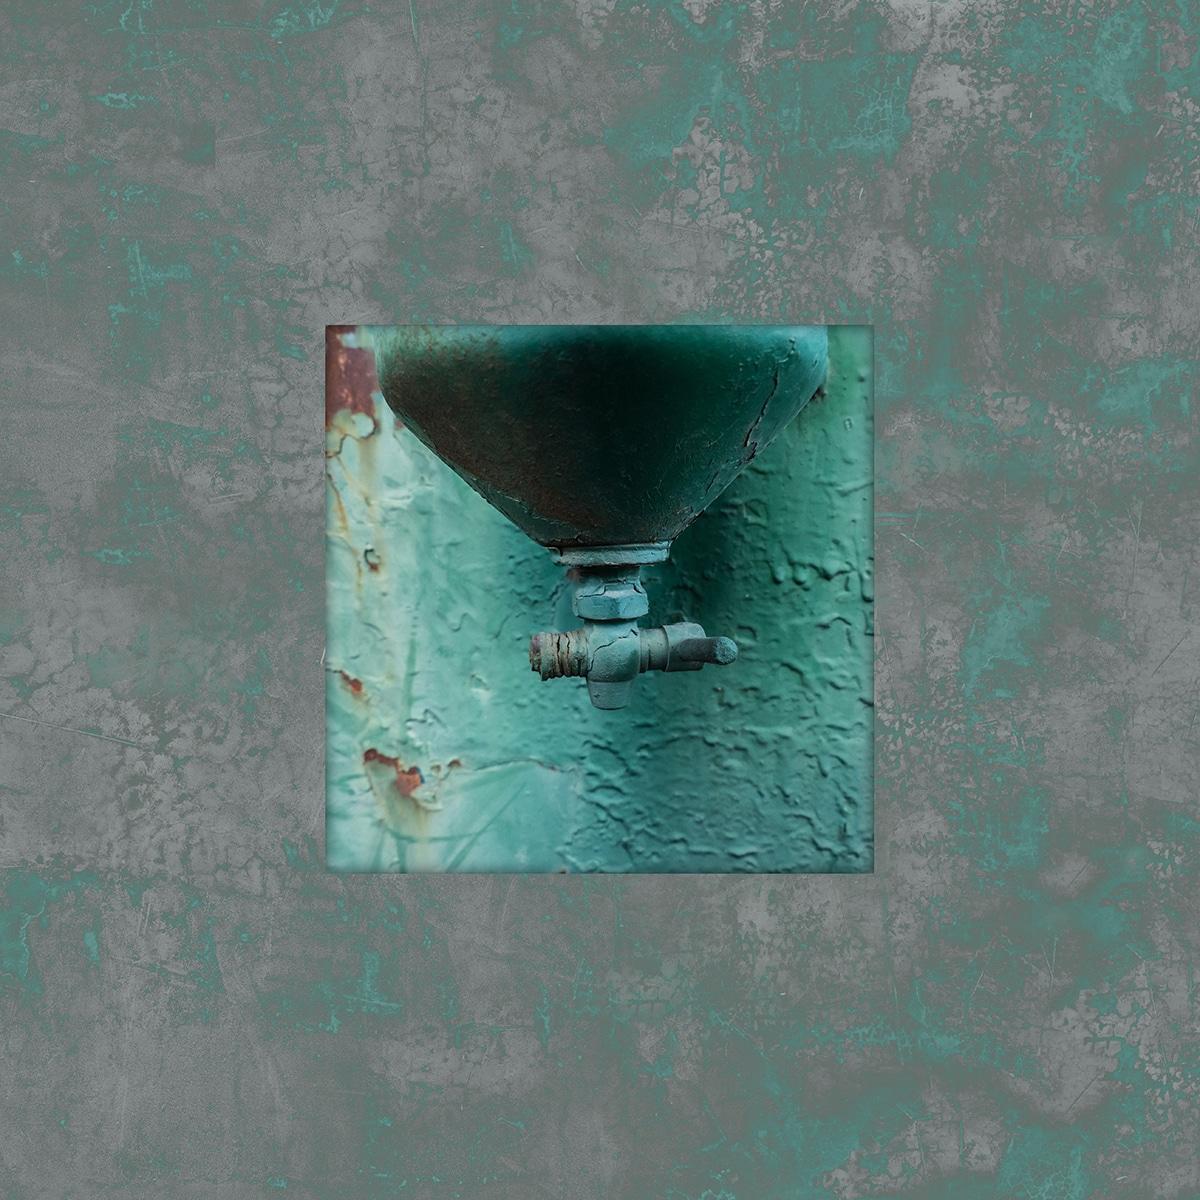 קטע מדוד מים ישן נושן שנצבע באותו צבע ומירקם של הקיר הכחול מאחור. תמונה ריבועית עם מסגור טקסטורלי ירוק-אפור לחדר עבודה ולמשרד.